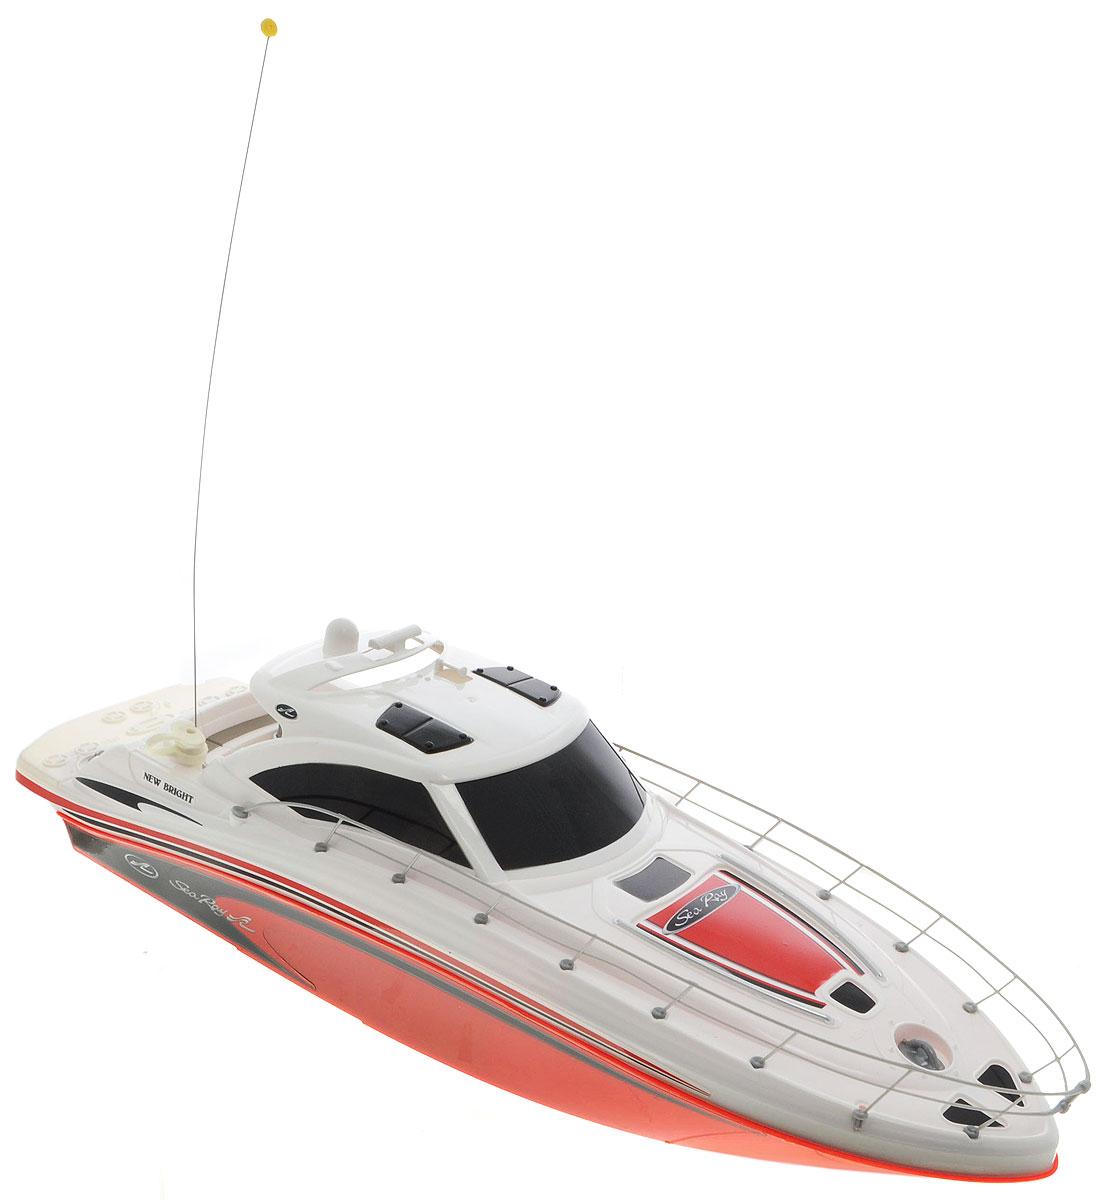 New Bright Катер на радиоуправлении Sea Ray цвет белый красный